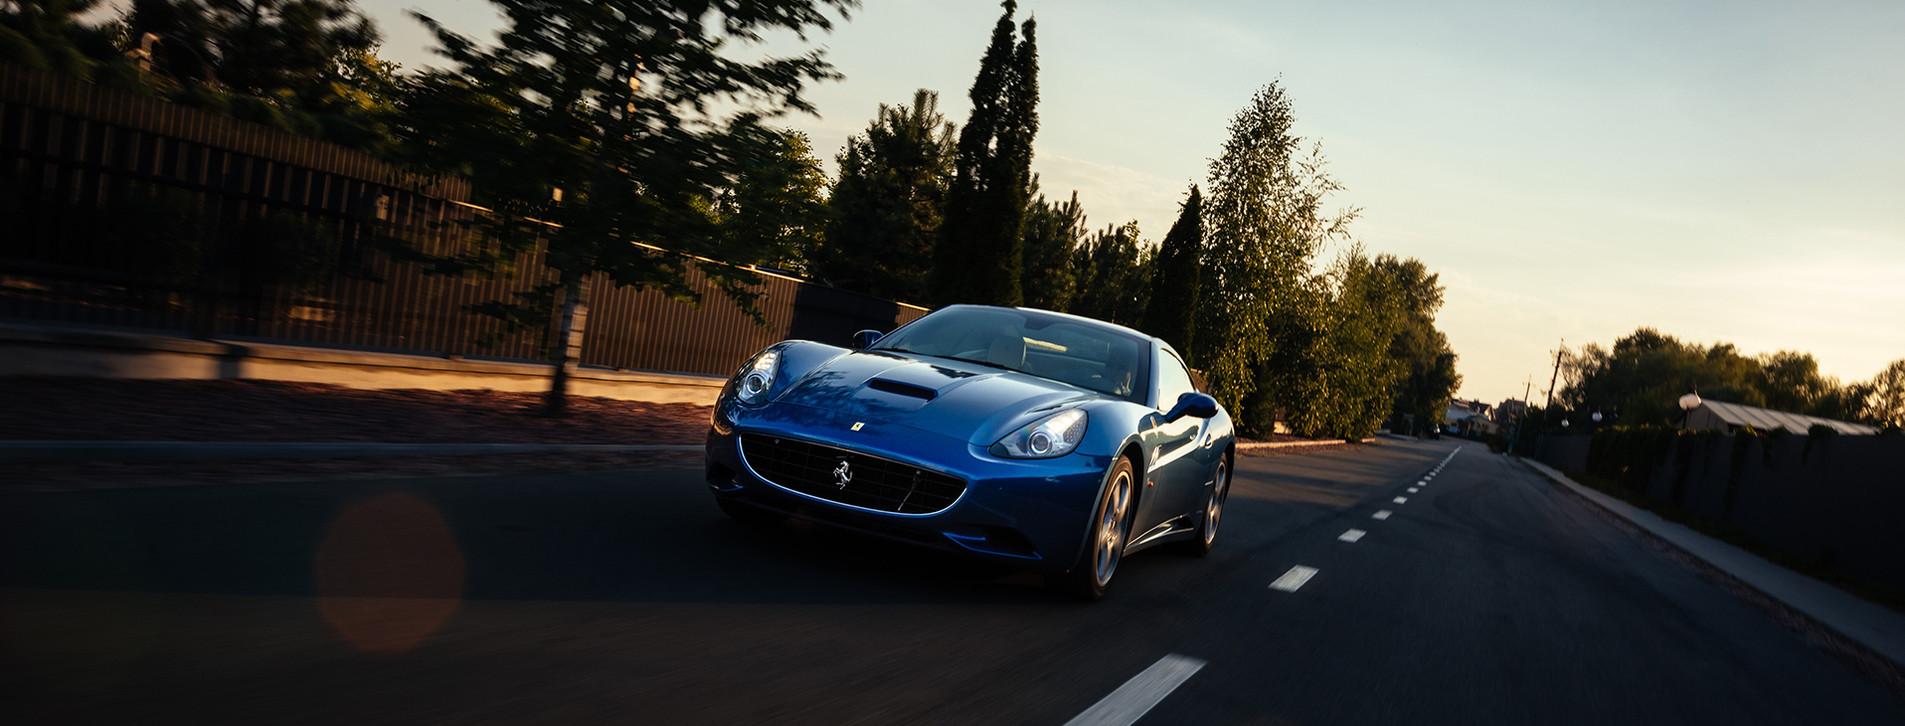 Фото 1 - Тест-драйв Ferrari